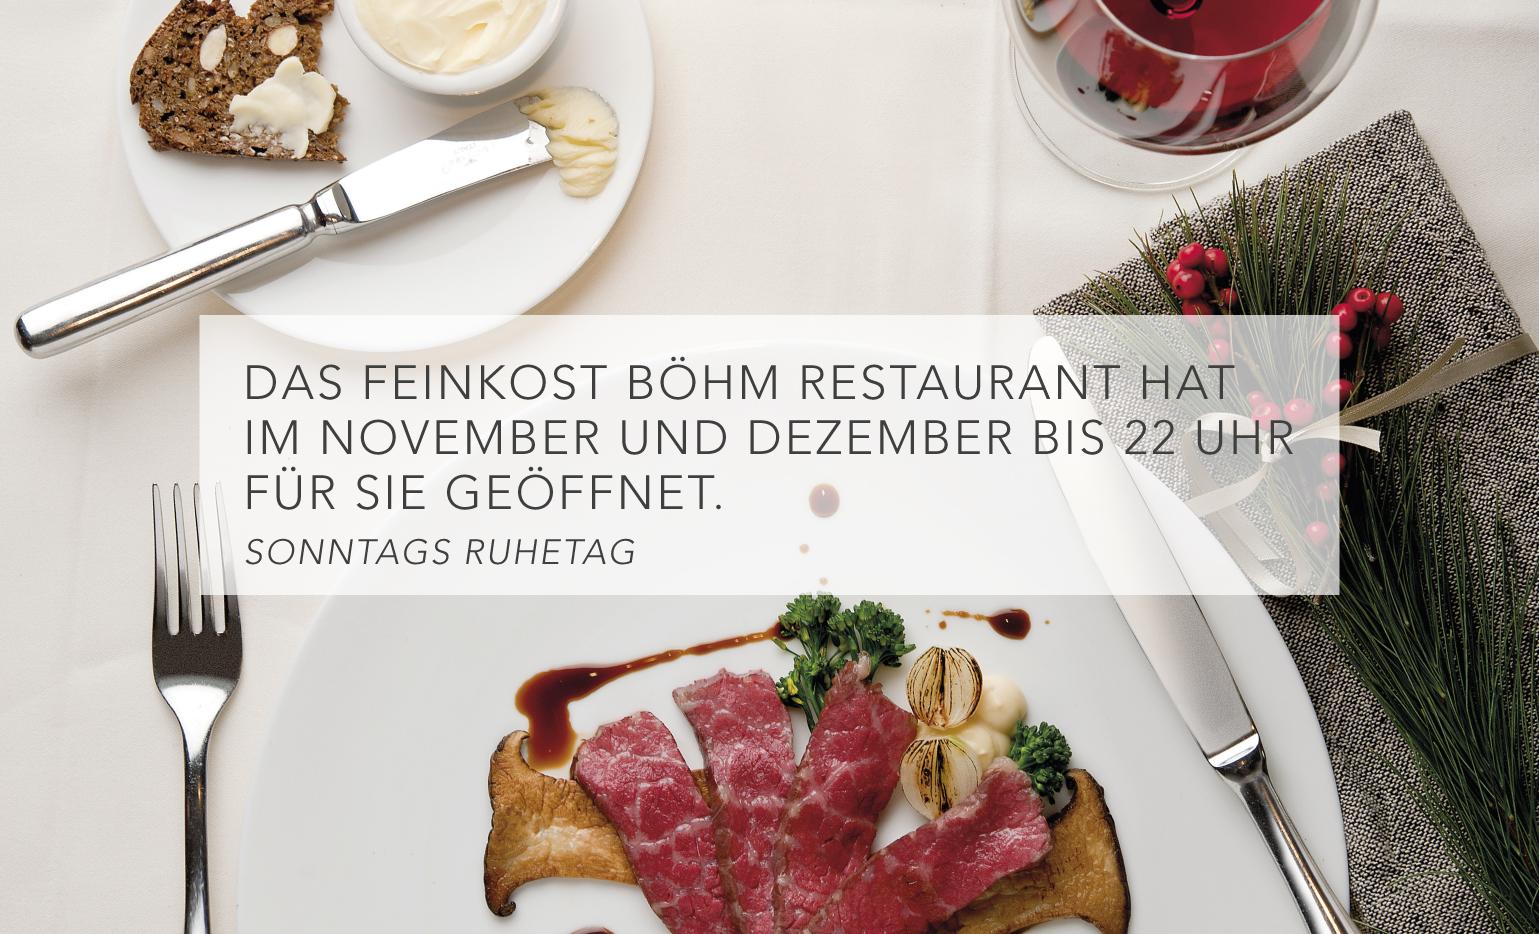 Öffnungszeiten Feinkost Böhm Restaurant